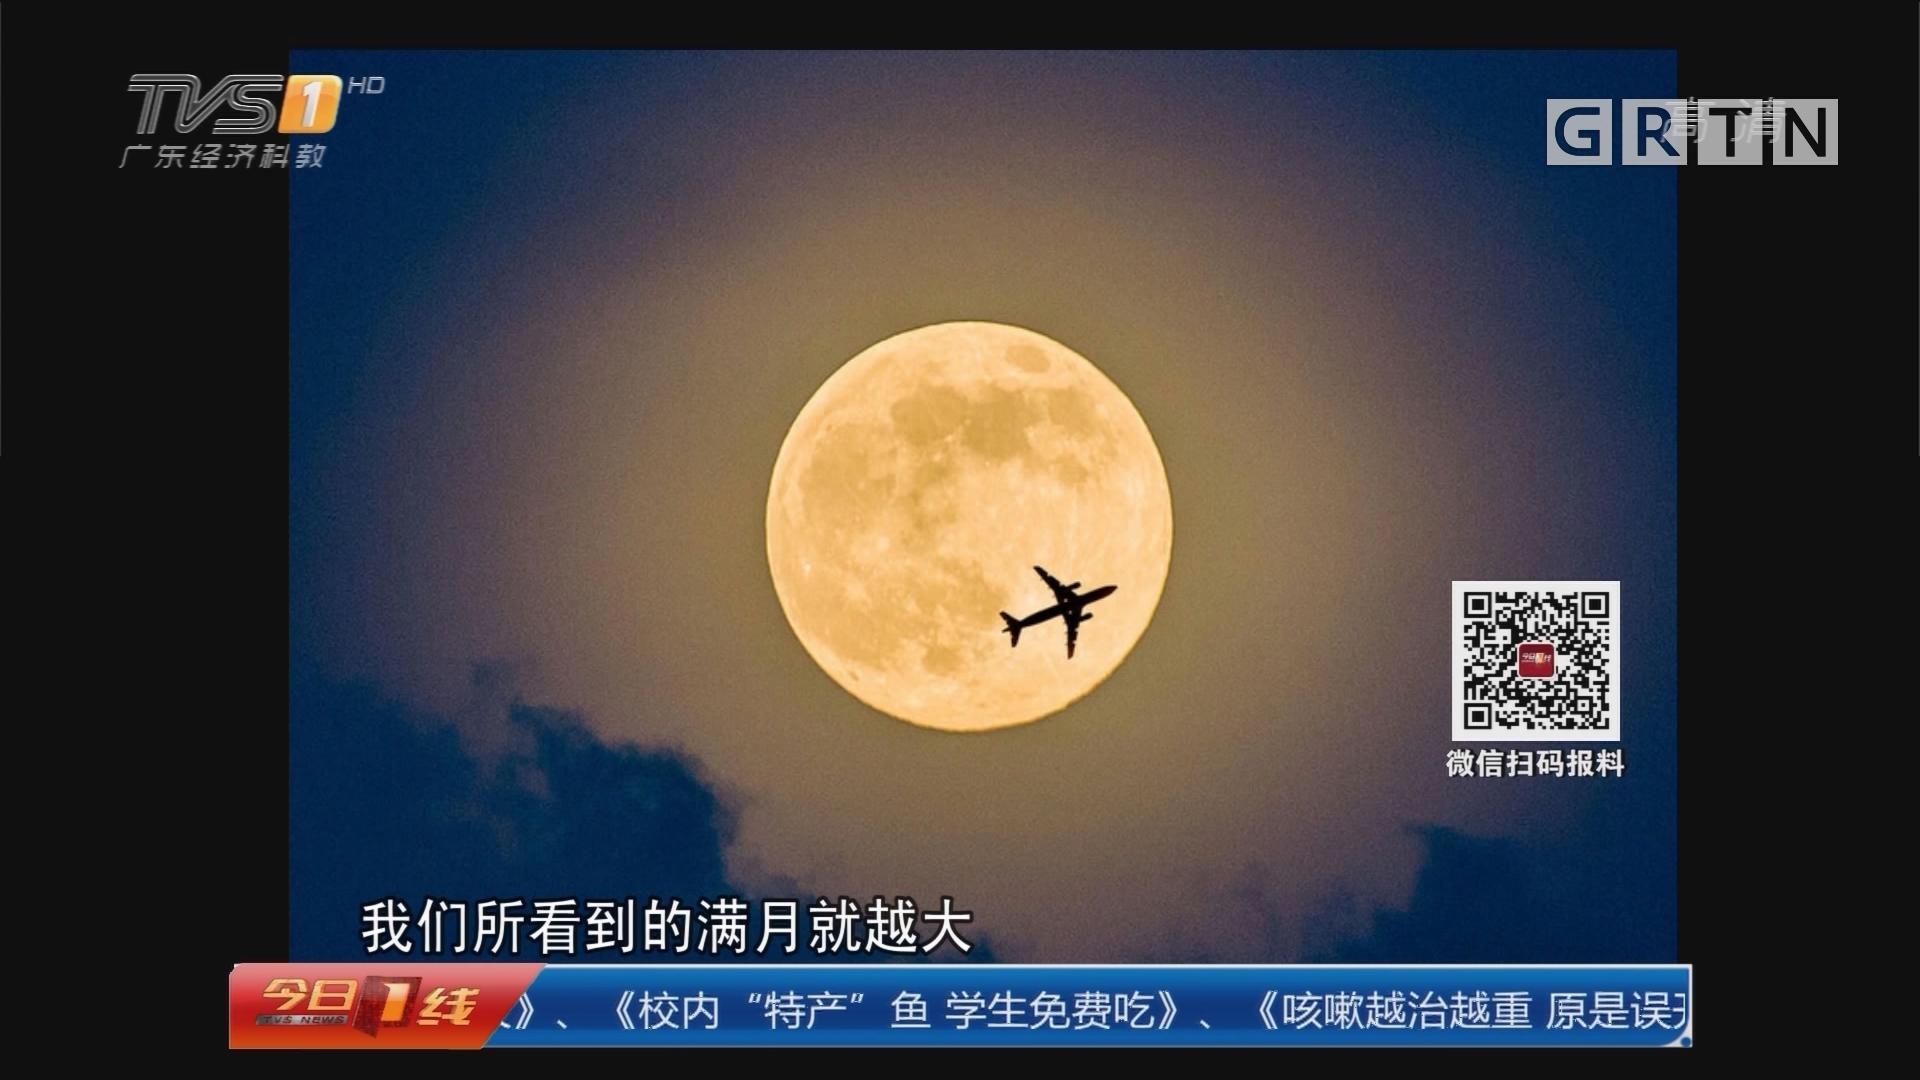 举头望明月:超级月亮 4号晚更大更圆